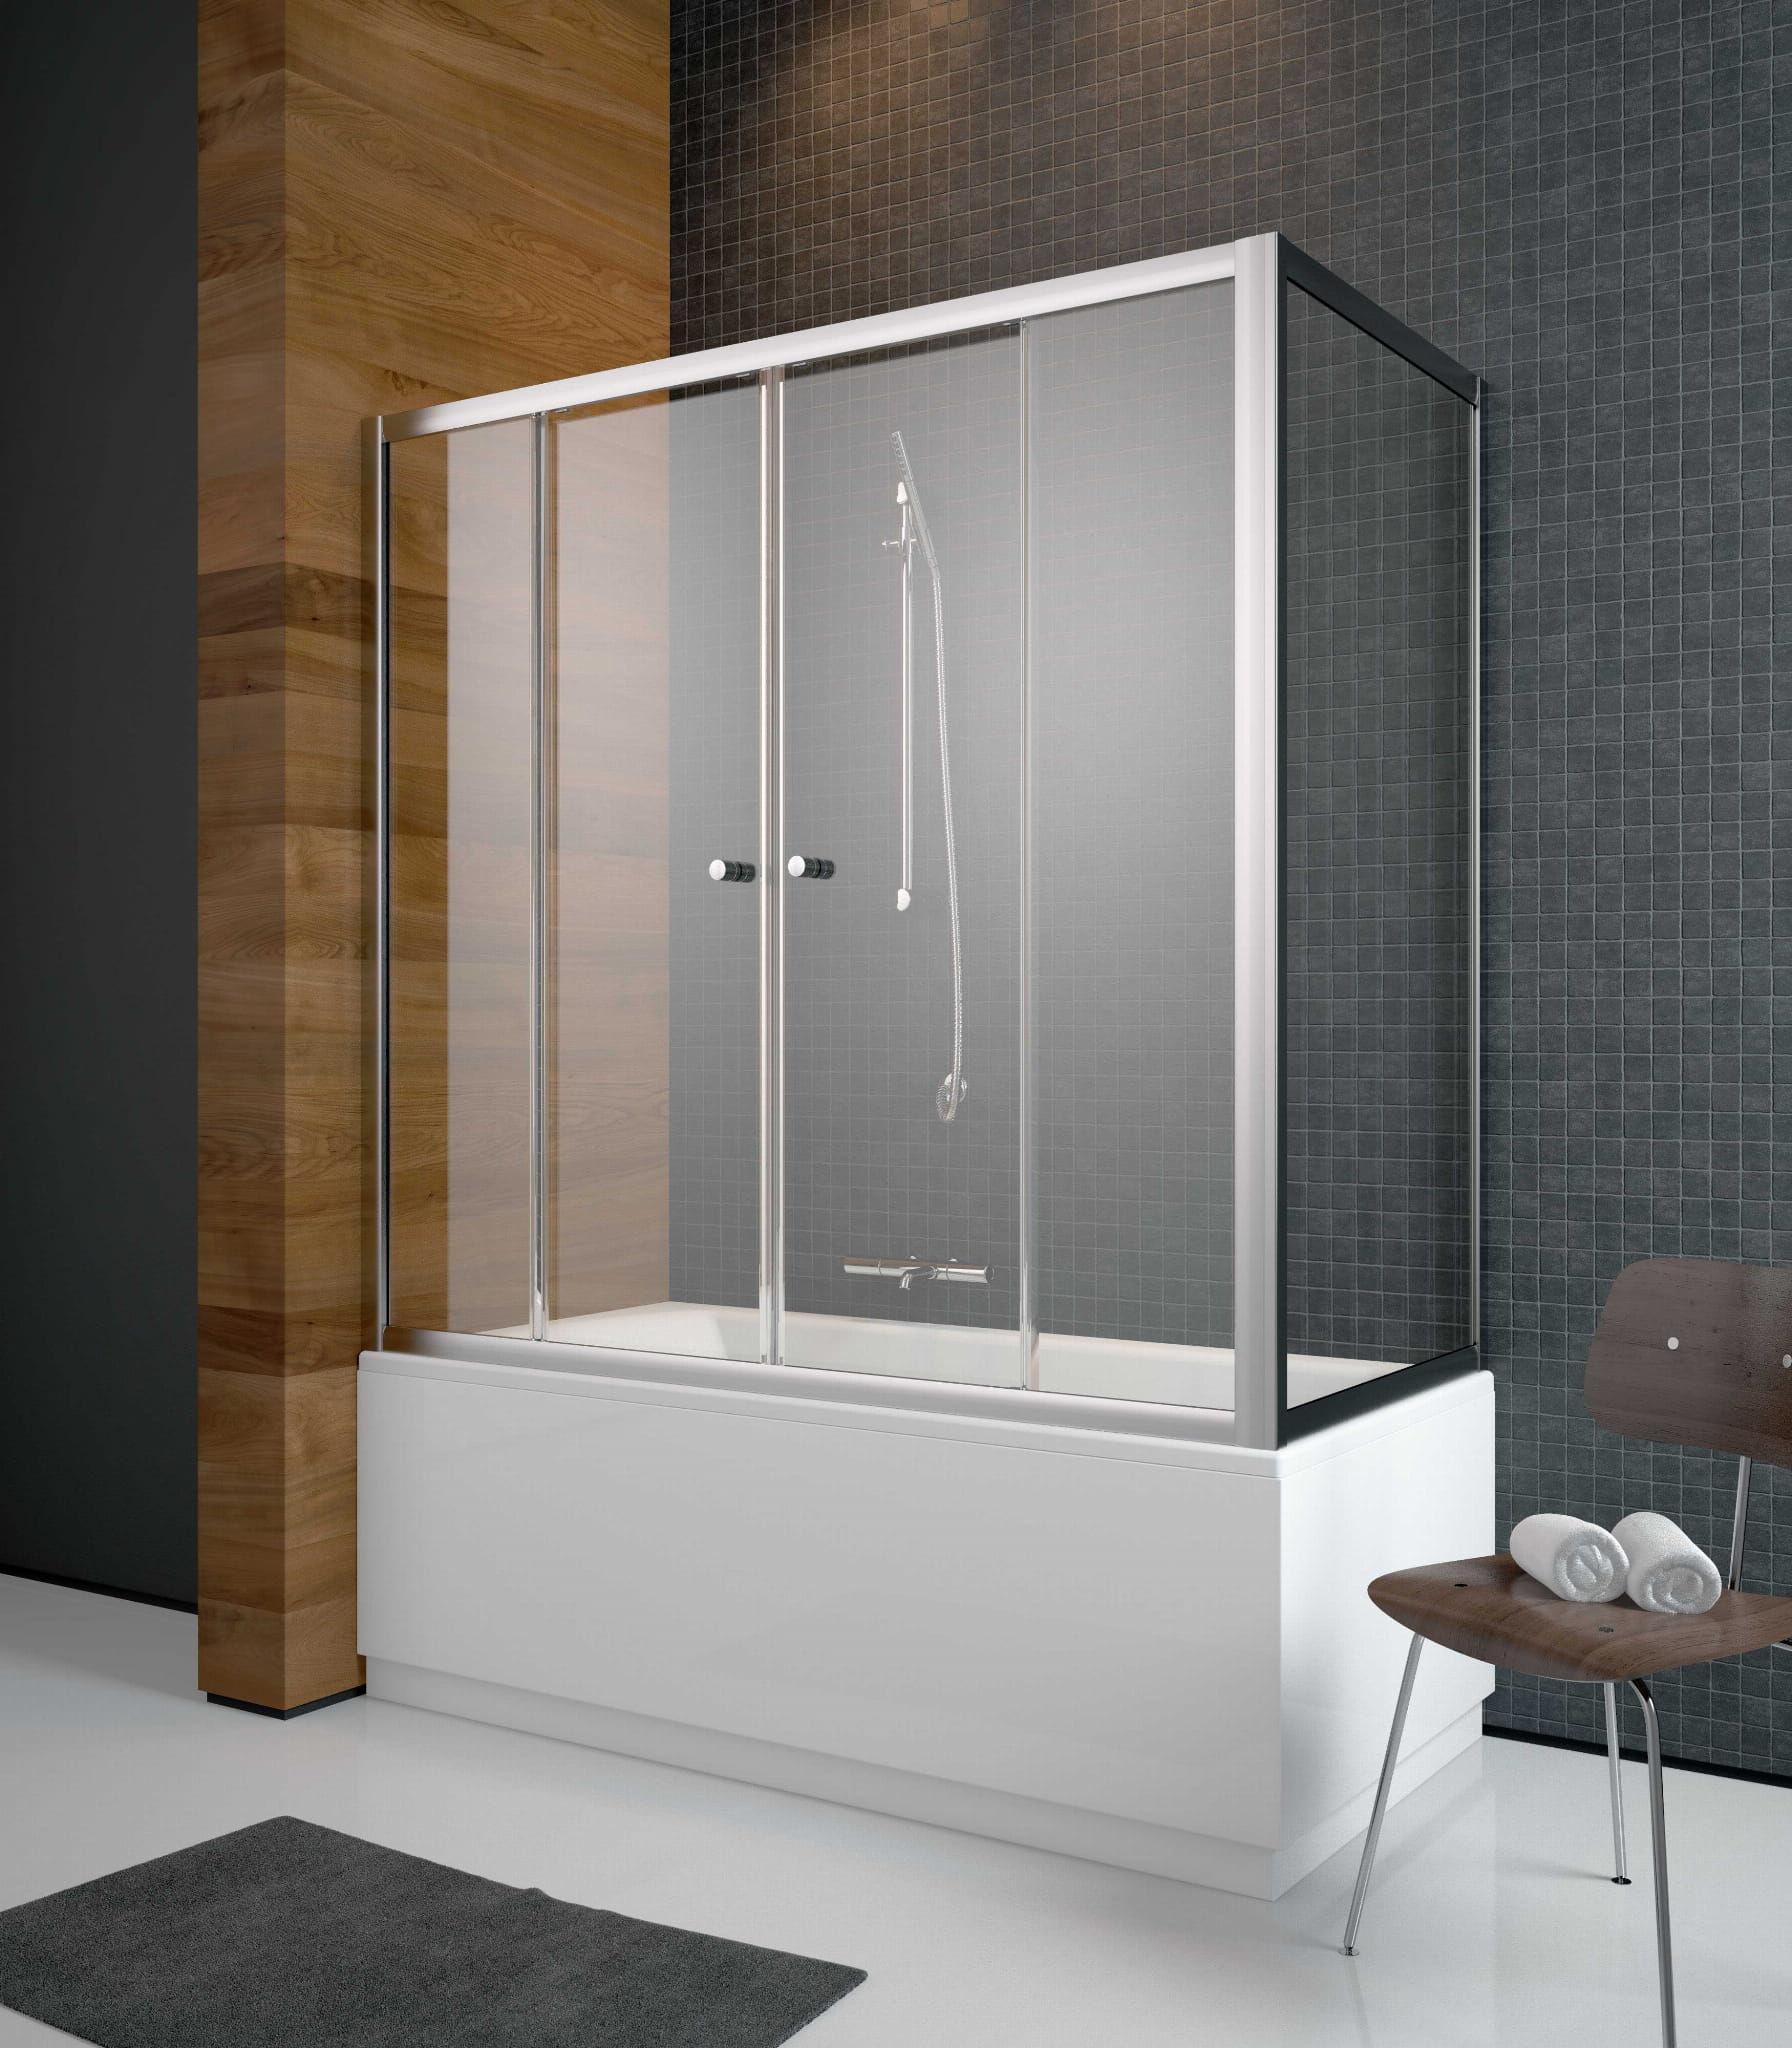 Radaway zabudowa nawannowa Vesta DWD+S 150 x 80, szkło przejrzyste, wys. 150 cm 203150-01/204080-01